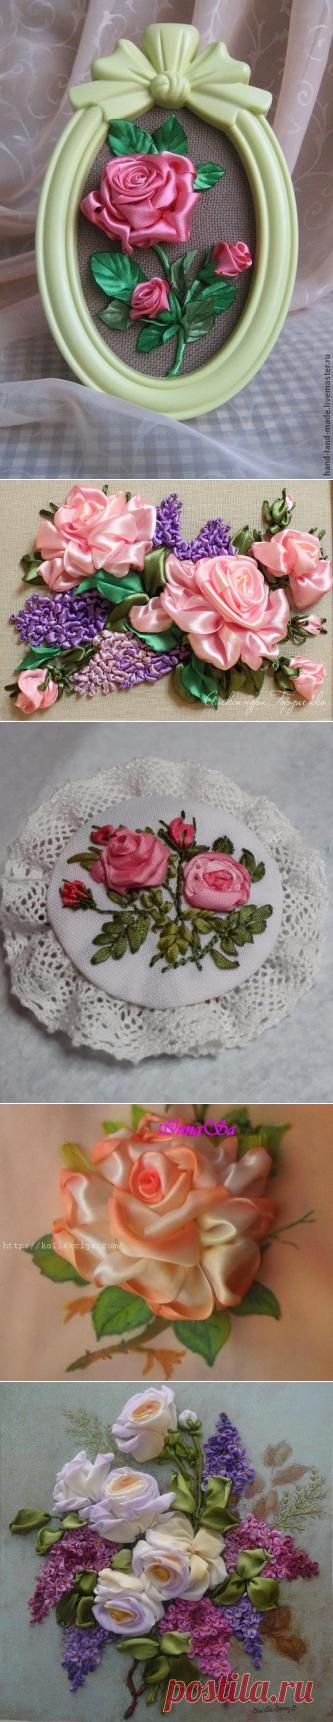 разные виды вышивки розы лентами / Вышивка / Вышивка лентами